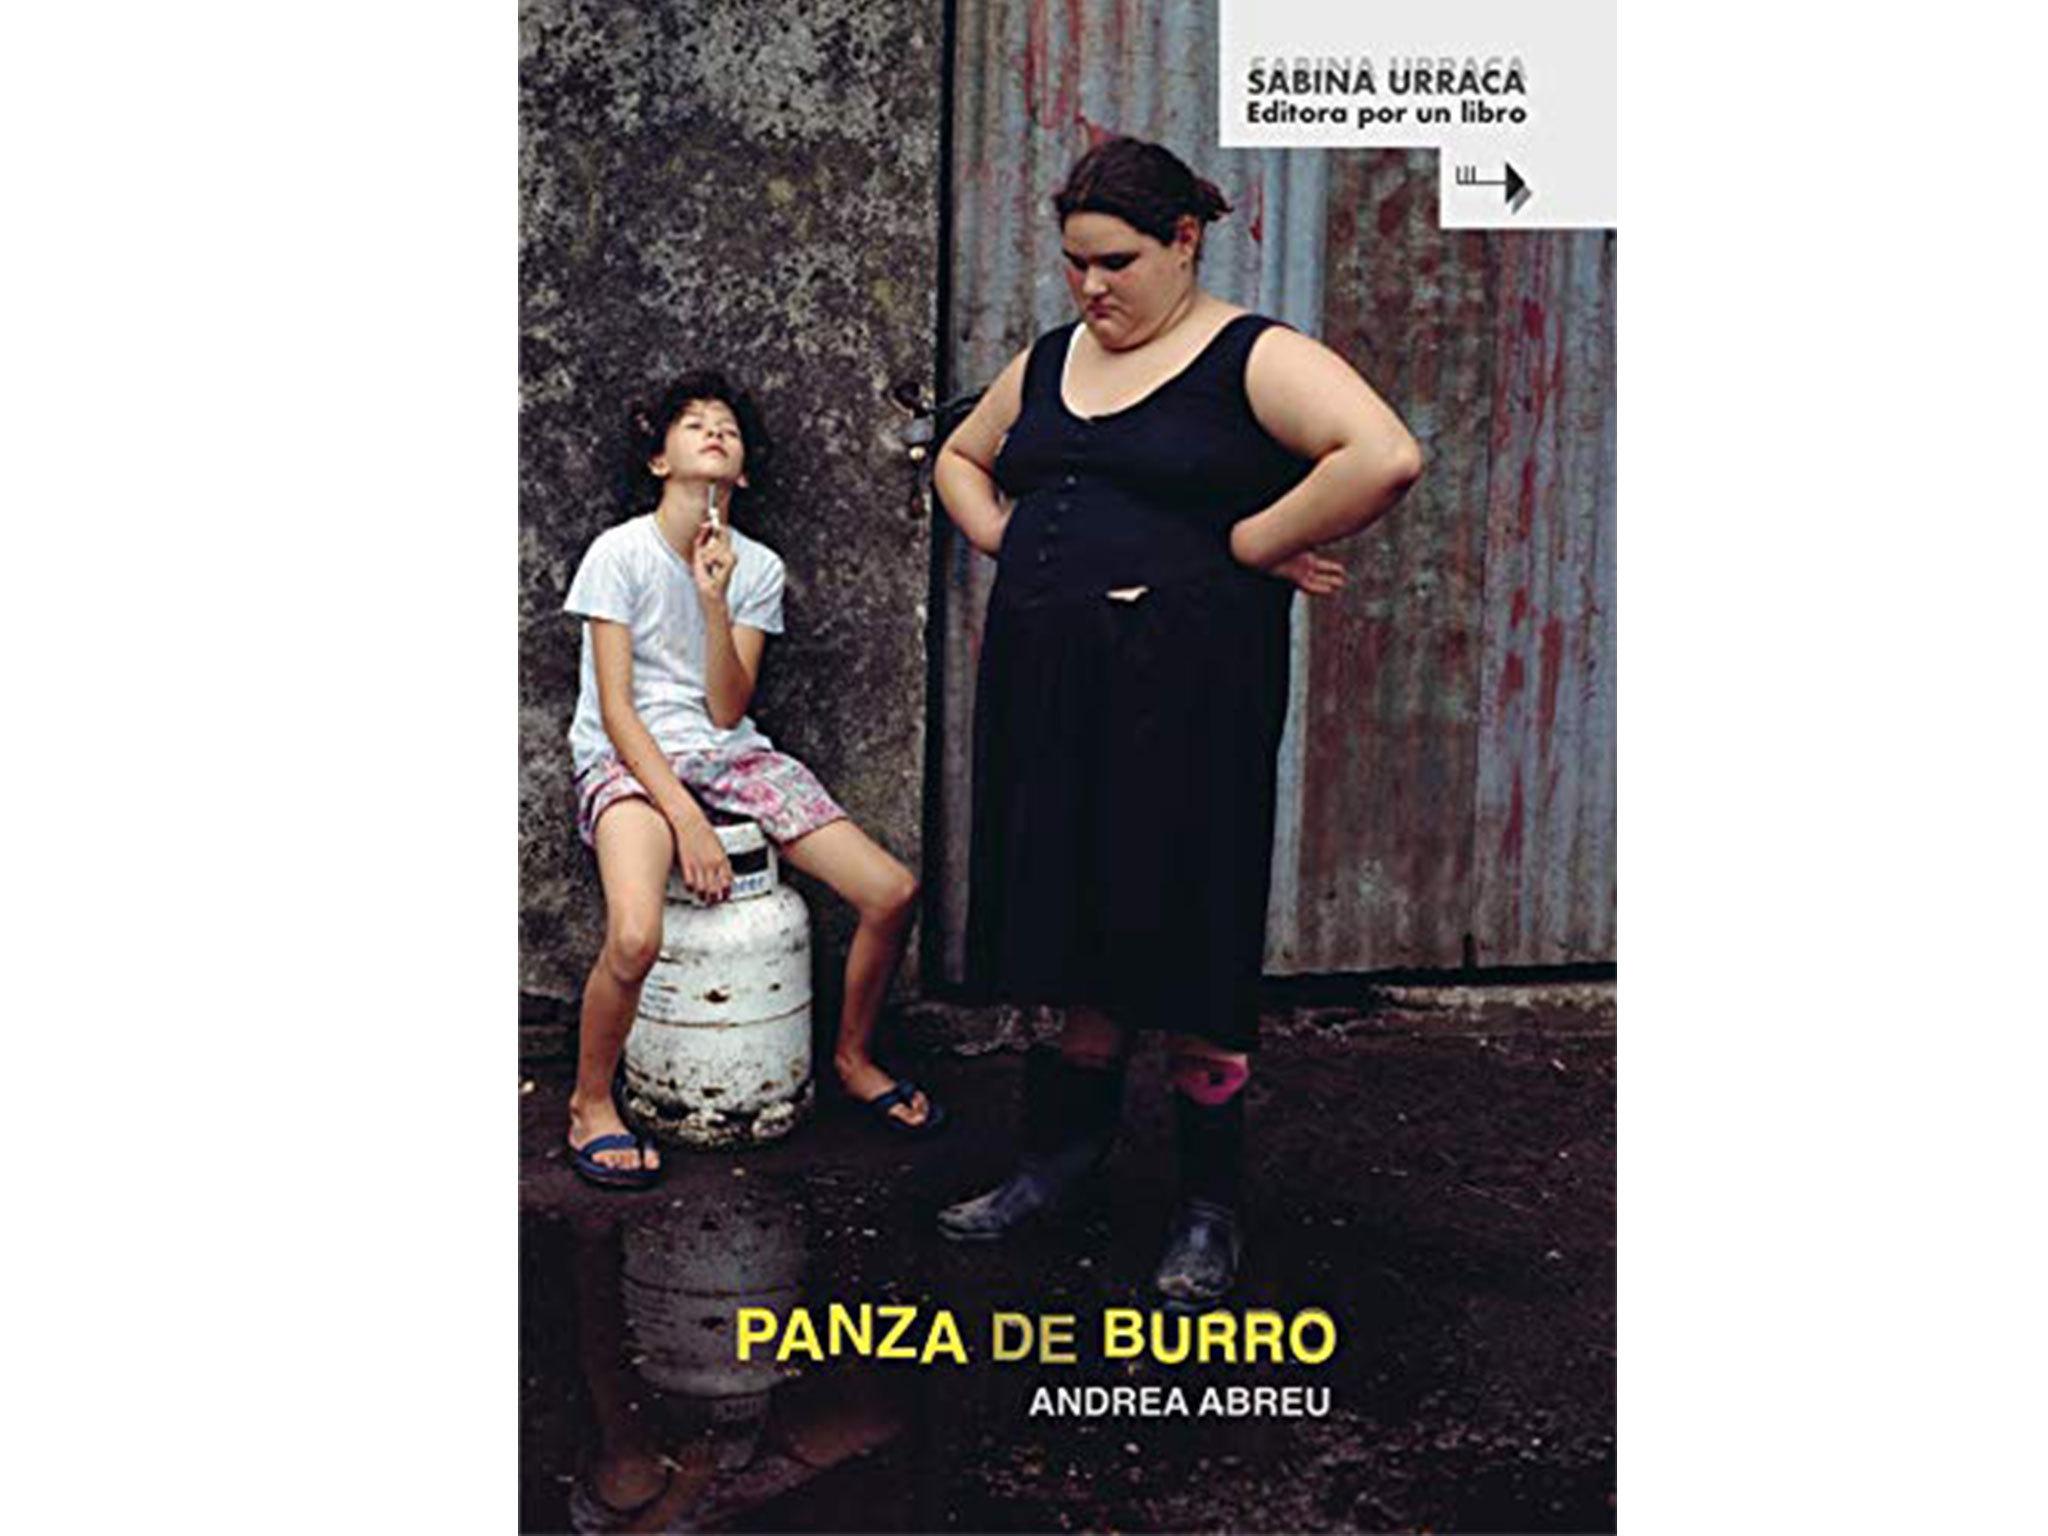 panza de burro de Andrea Abreu